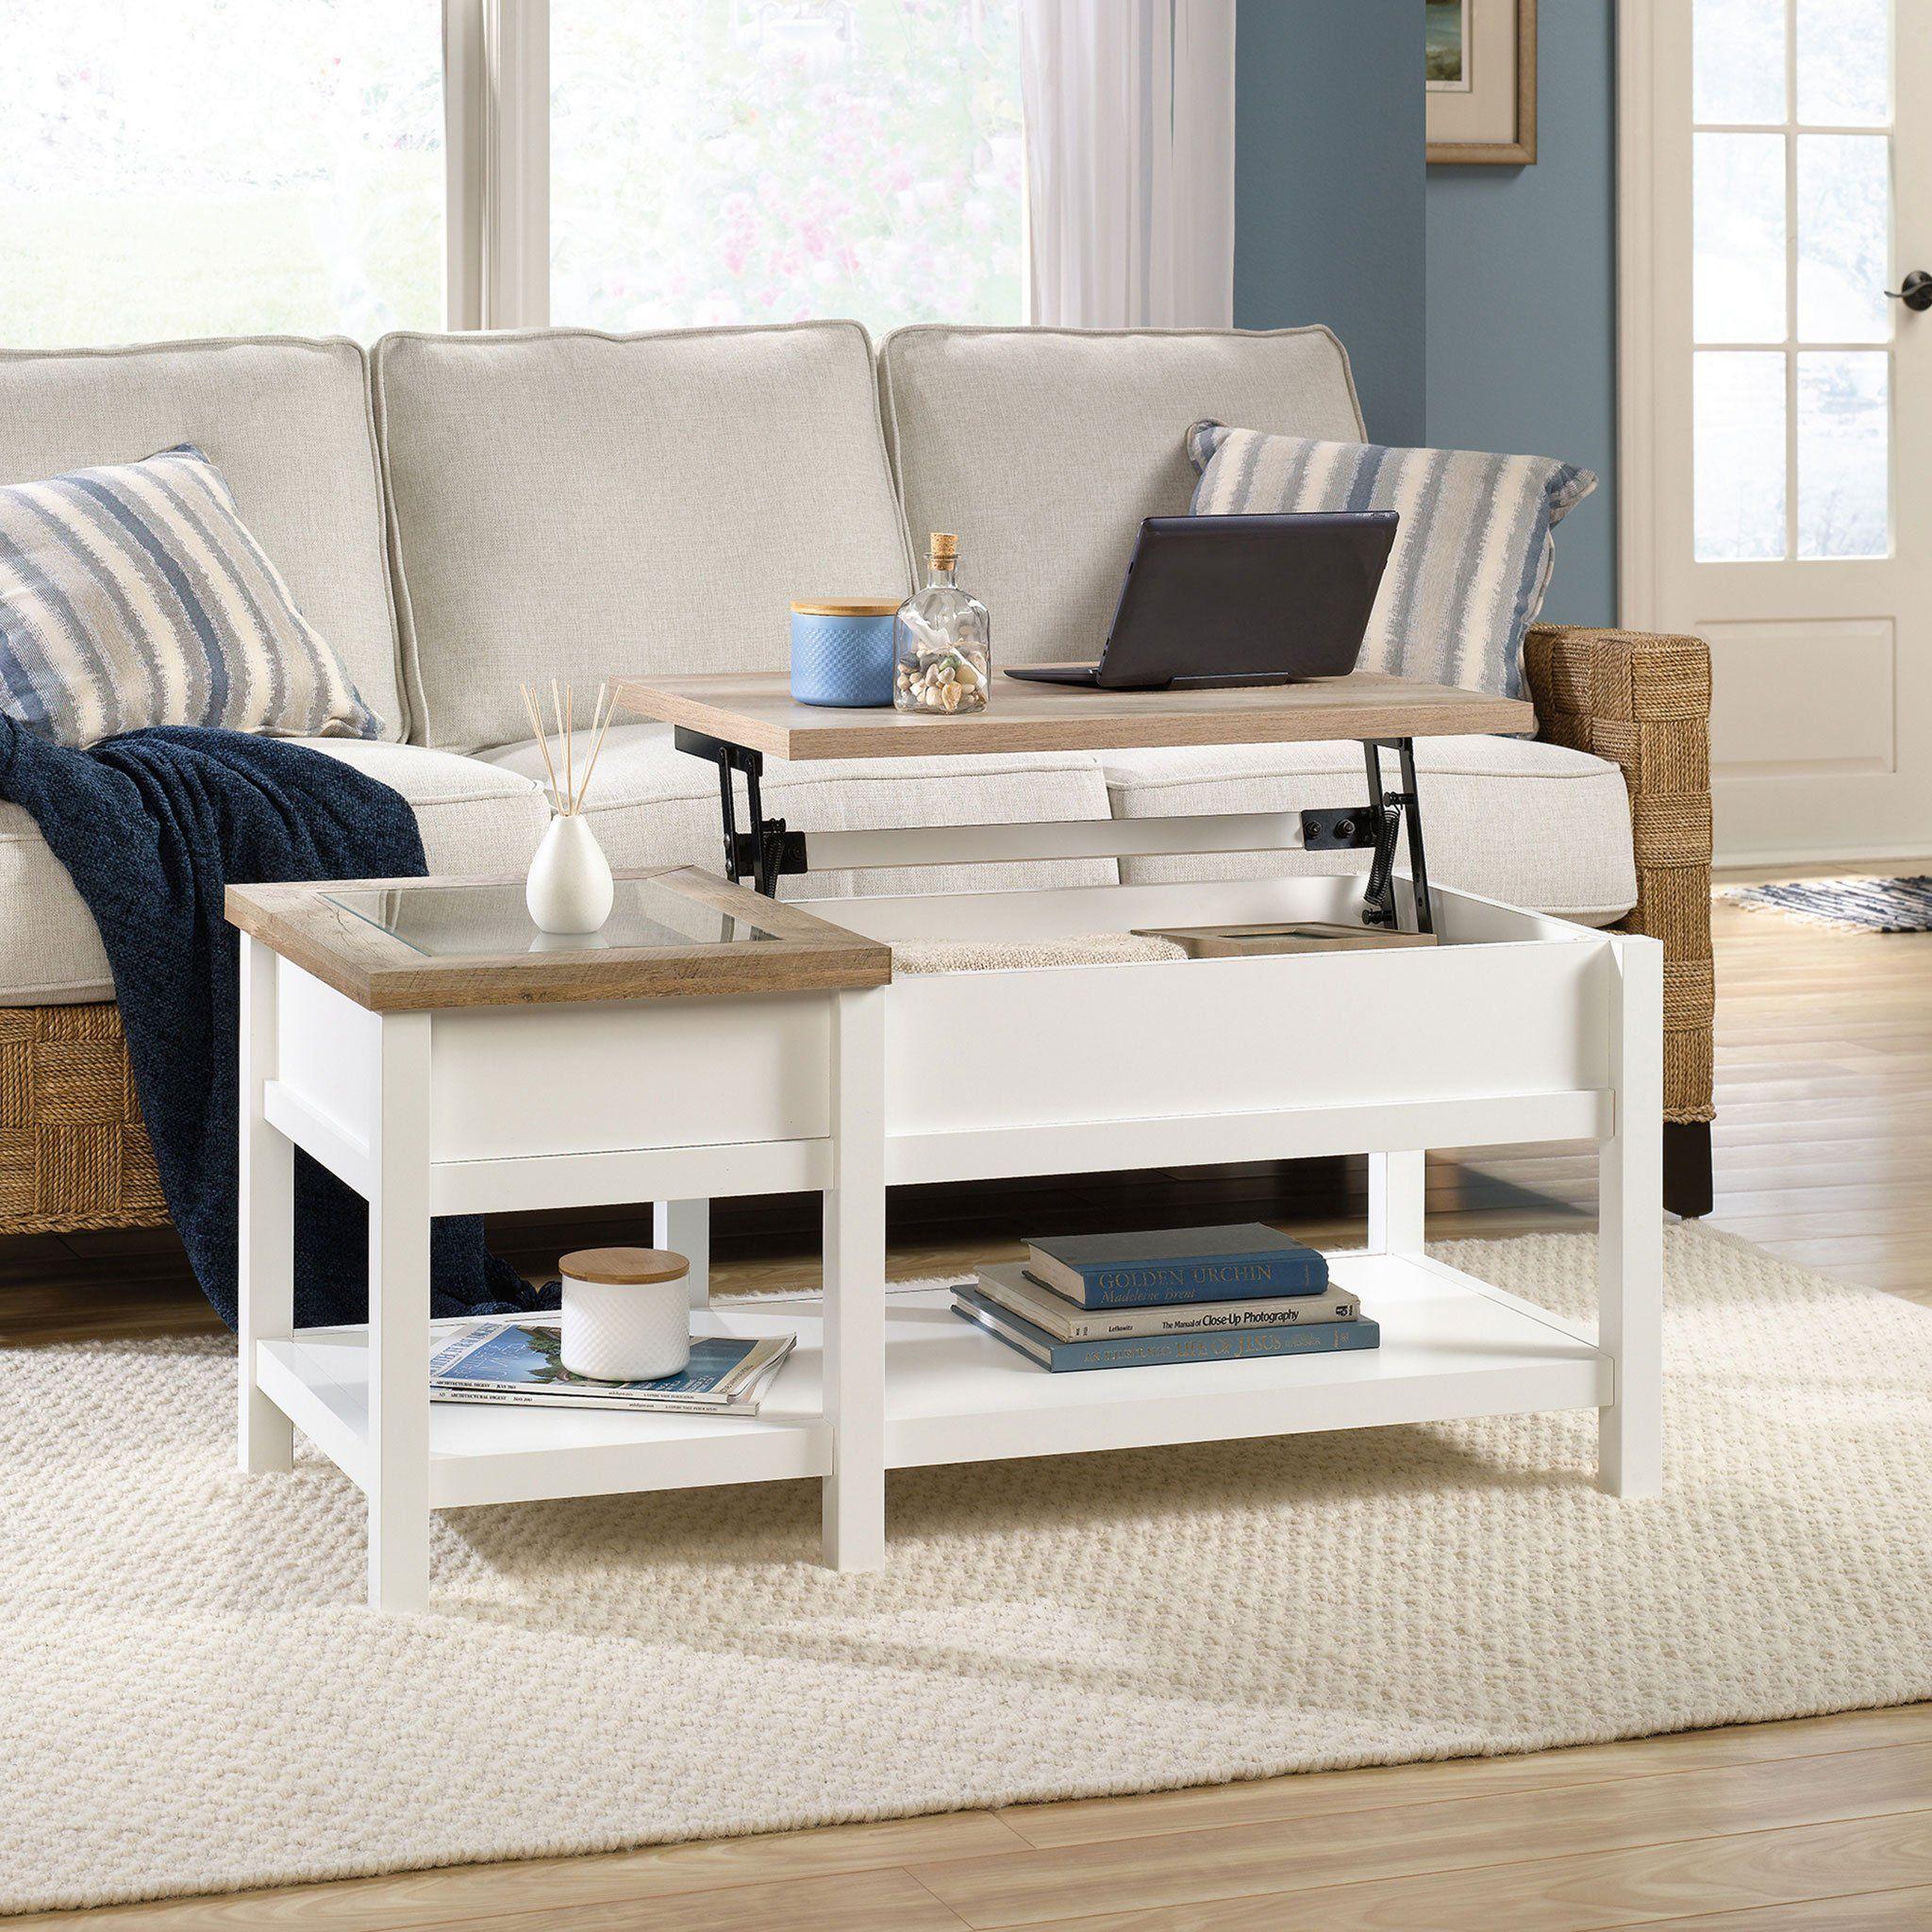 Amenajare In Culori Deschise Coastal Living Room Furniture Coffee Table Lift Top Coffee Table [ 2048 x 2048 Pixel ]